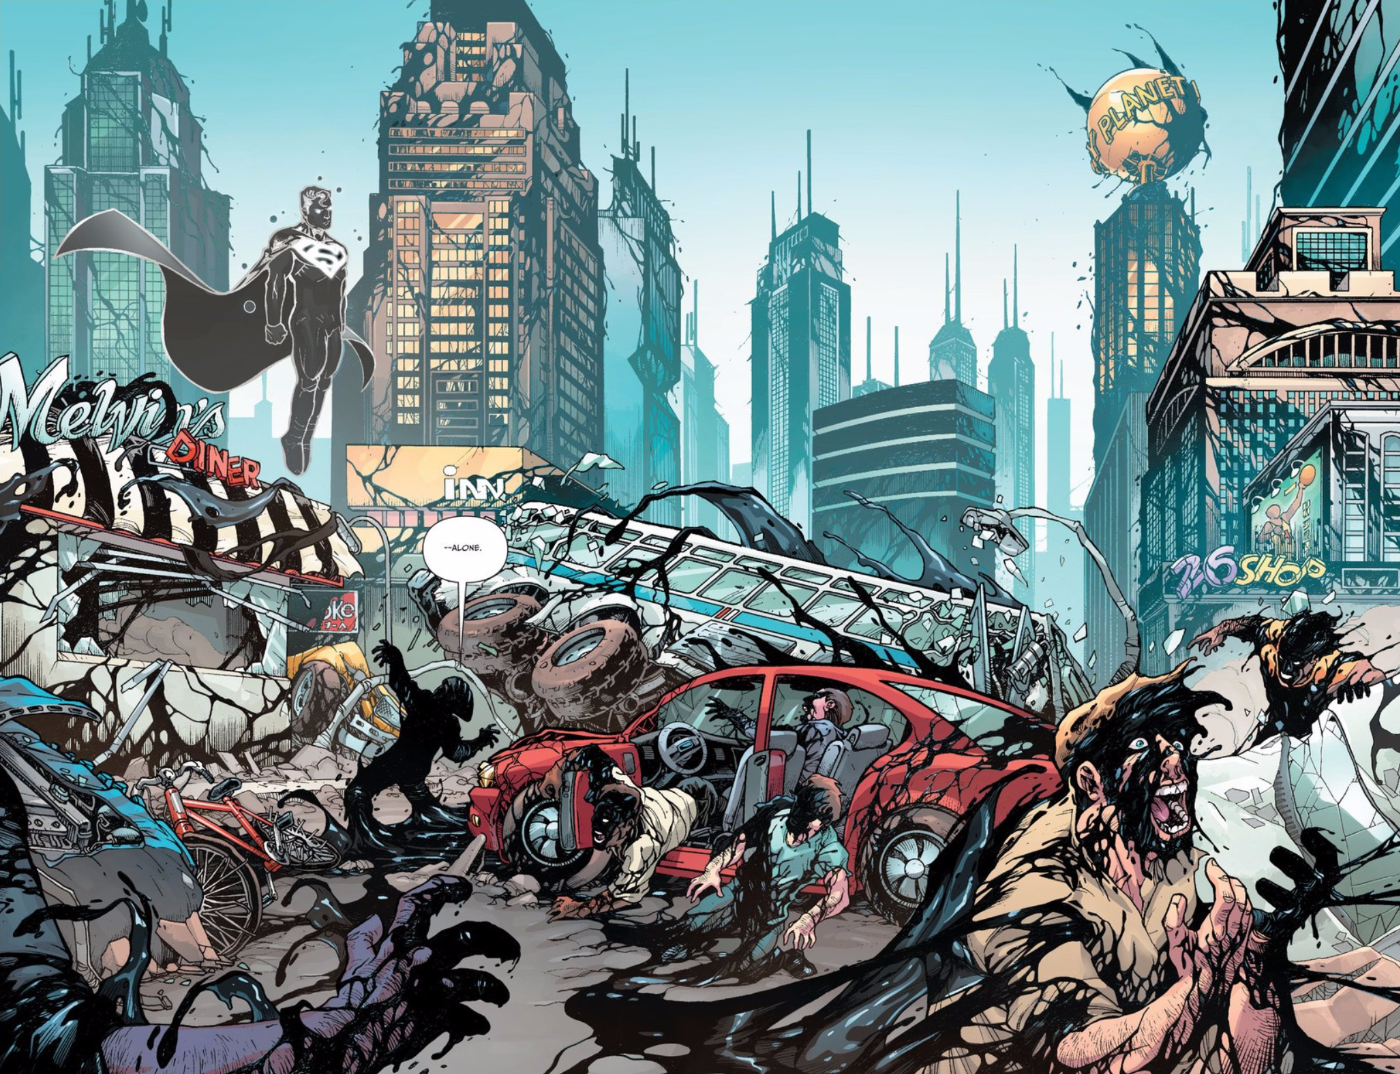 This Week's Superman Comic Brings Back the Jerk Man of Steel